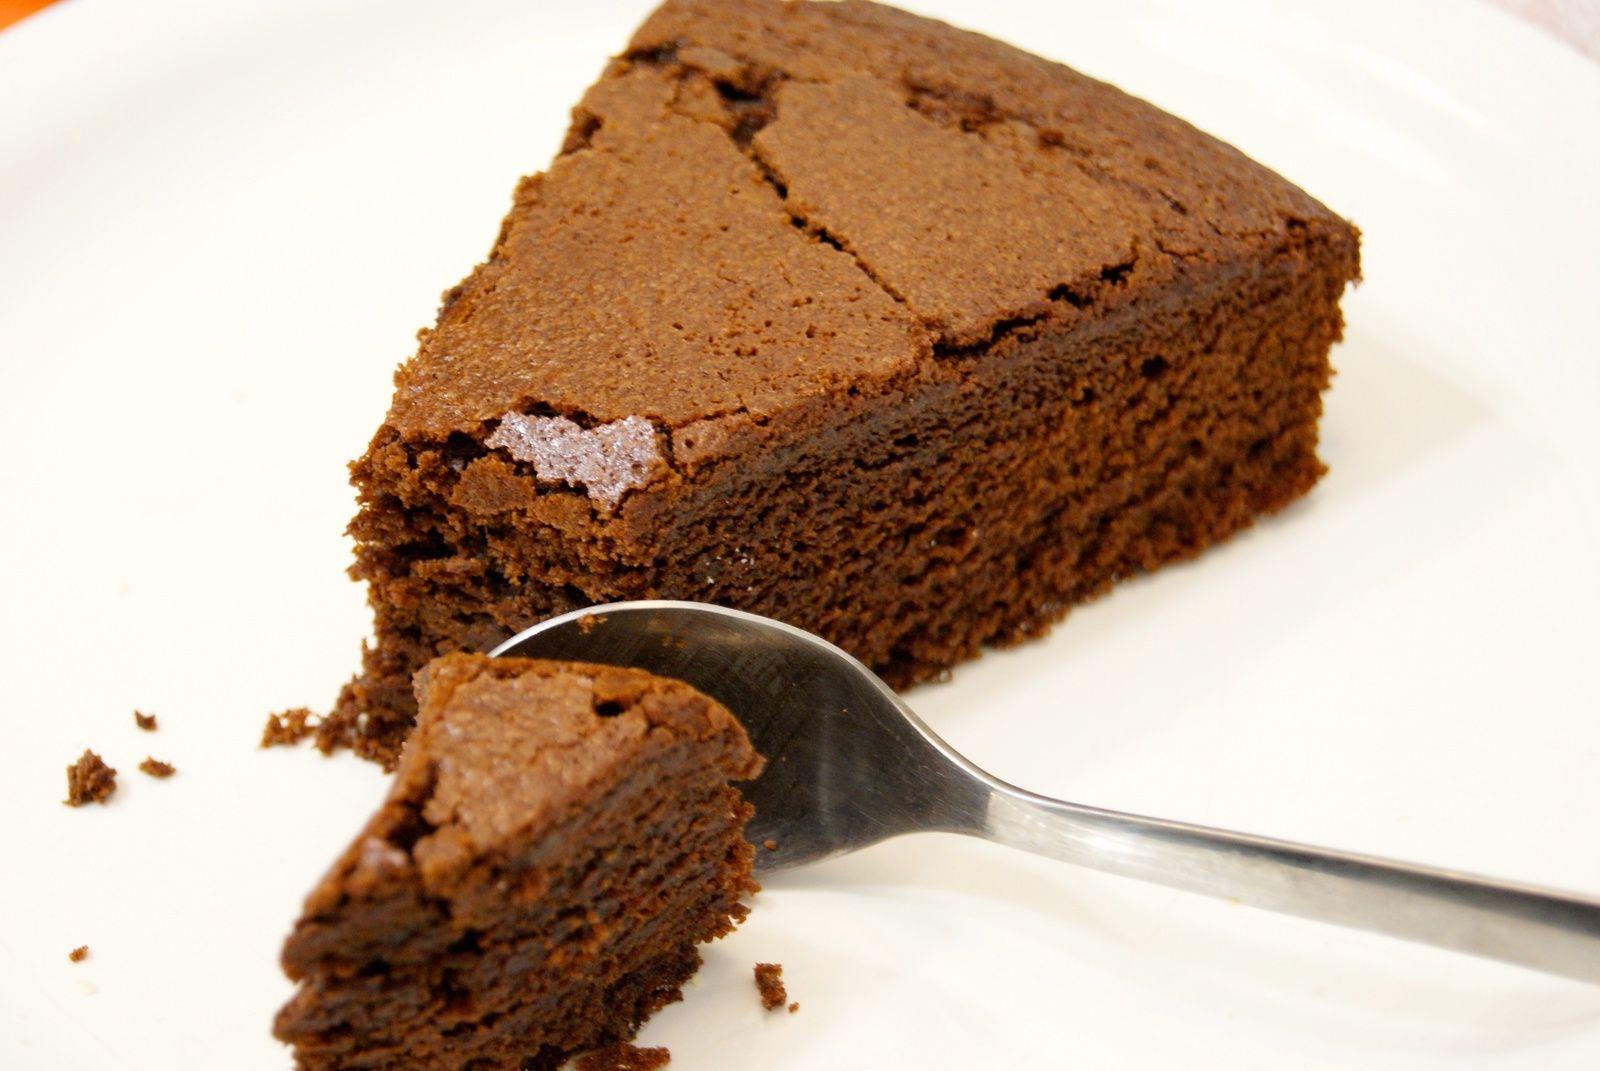 Ce gâteau est tout simplement une tuerie, c'est aussi une bonne calorique! Mais bon de temps en temps il faut bien se faire plaisir! Ingrédients pour un gâteau pour 6 personnes (20cm de diamètre): 200g de chocolat 200 g de beurre demi-sel à température...